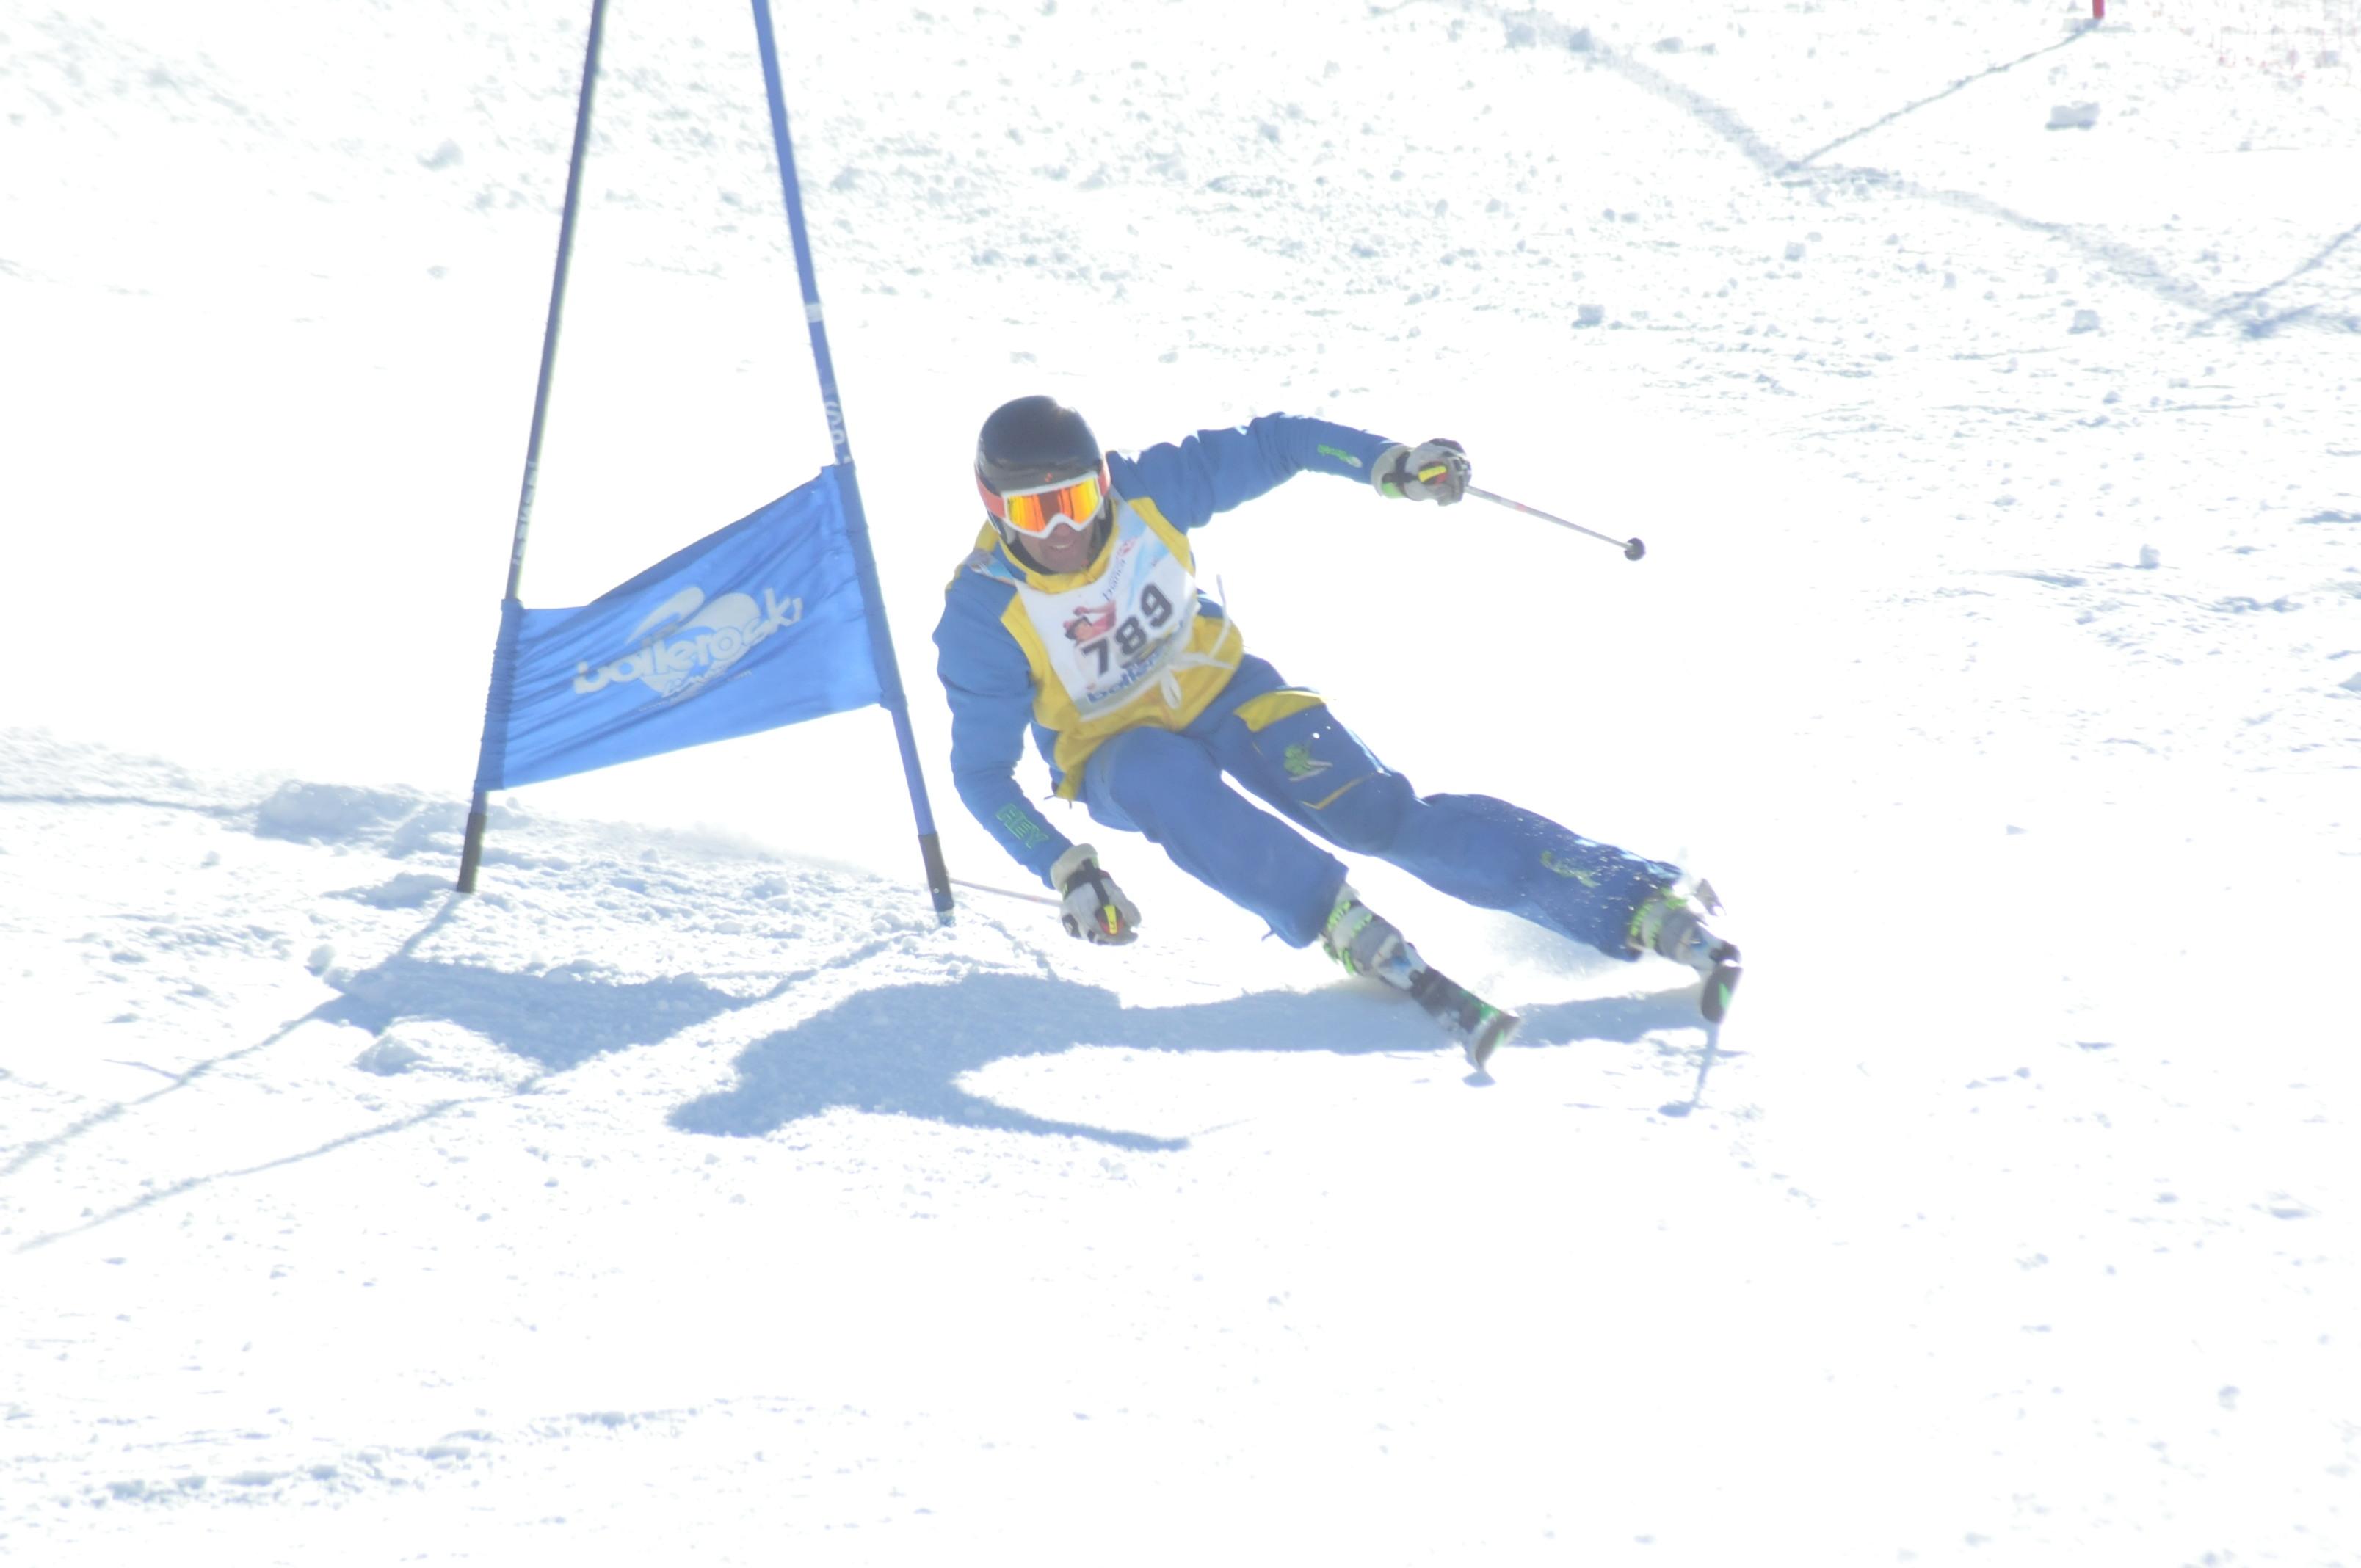 BotteroSki in pista